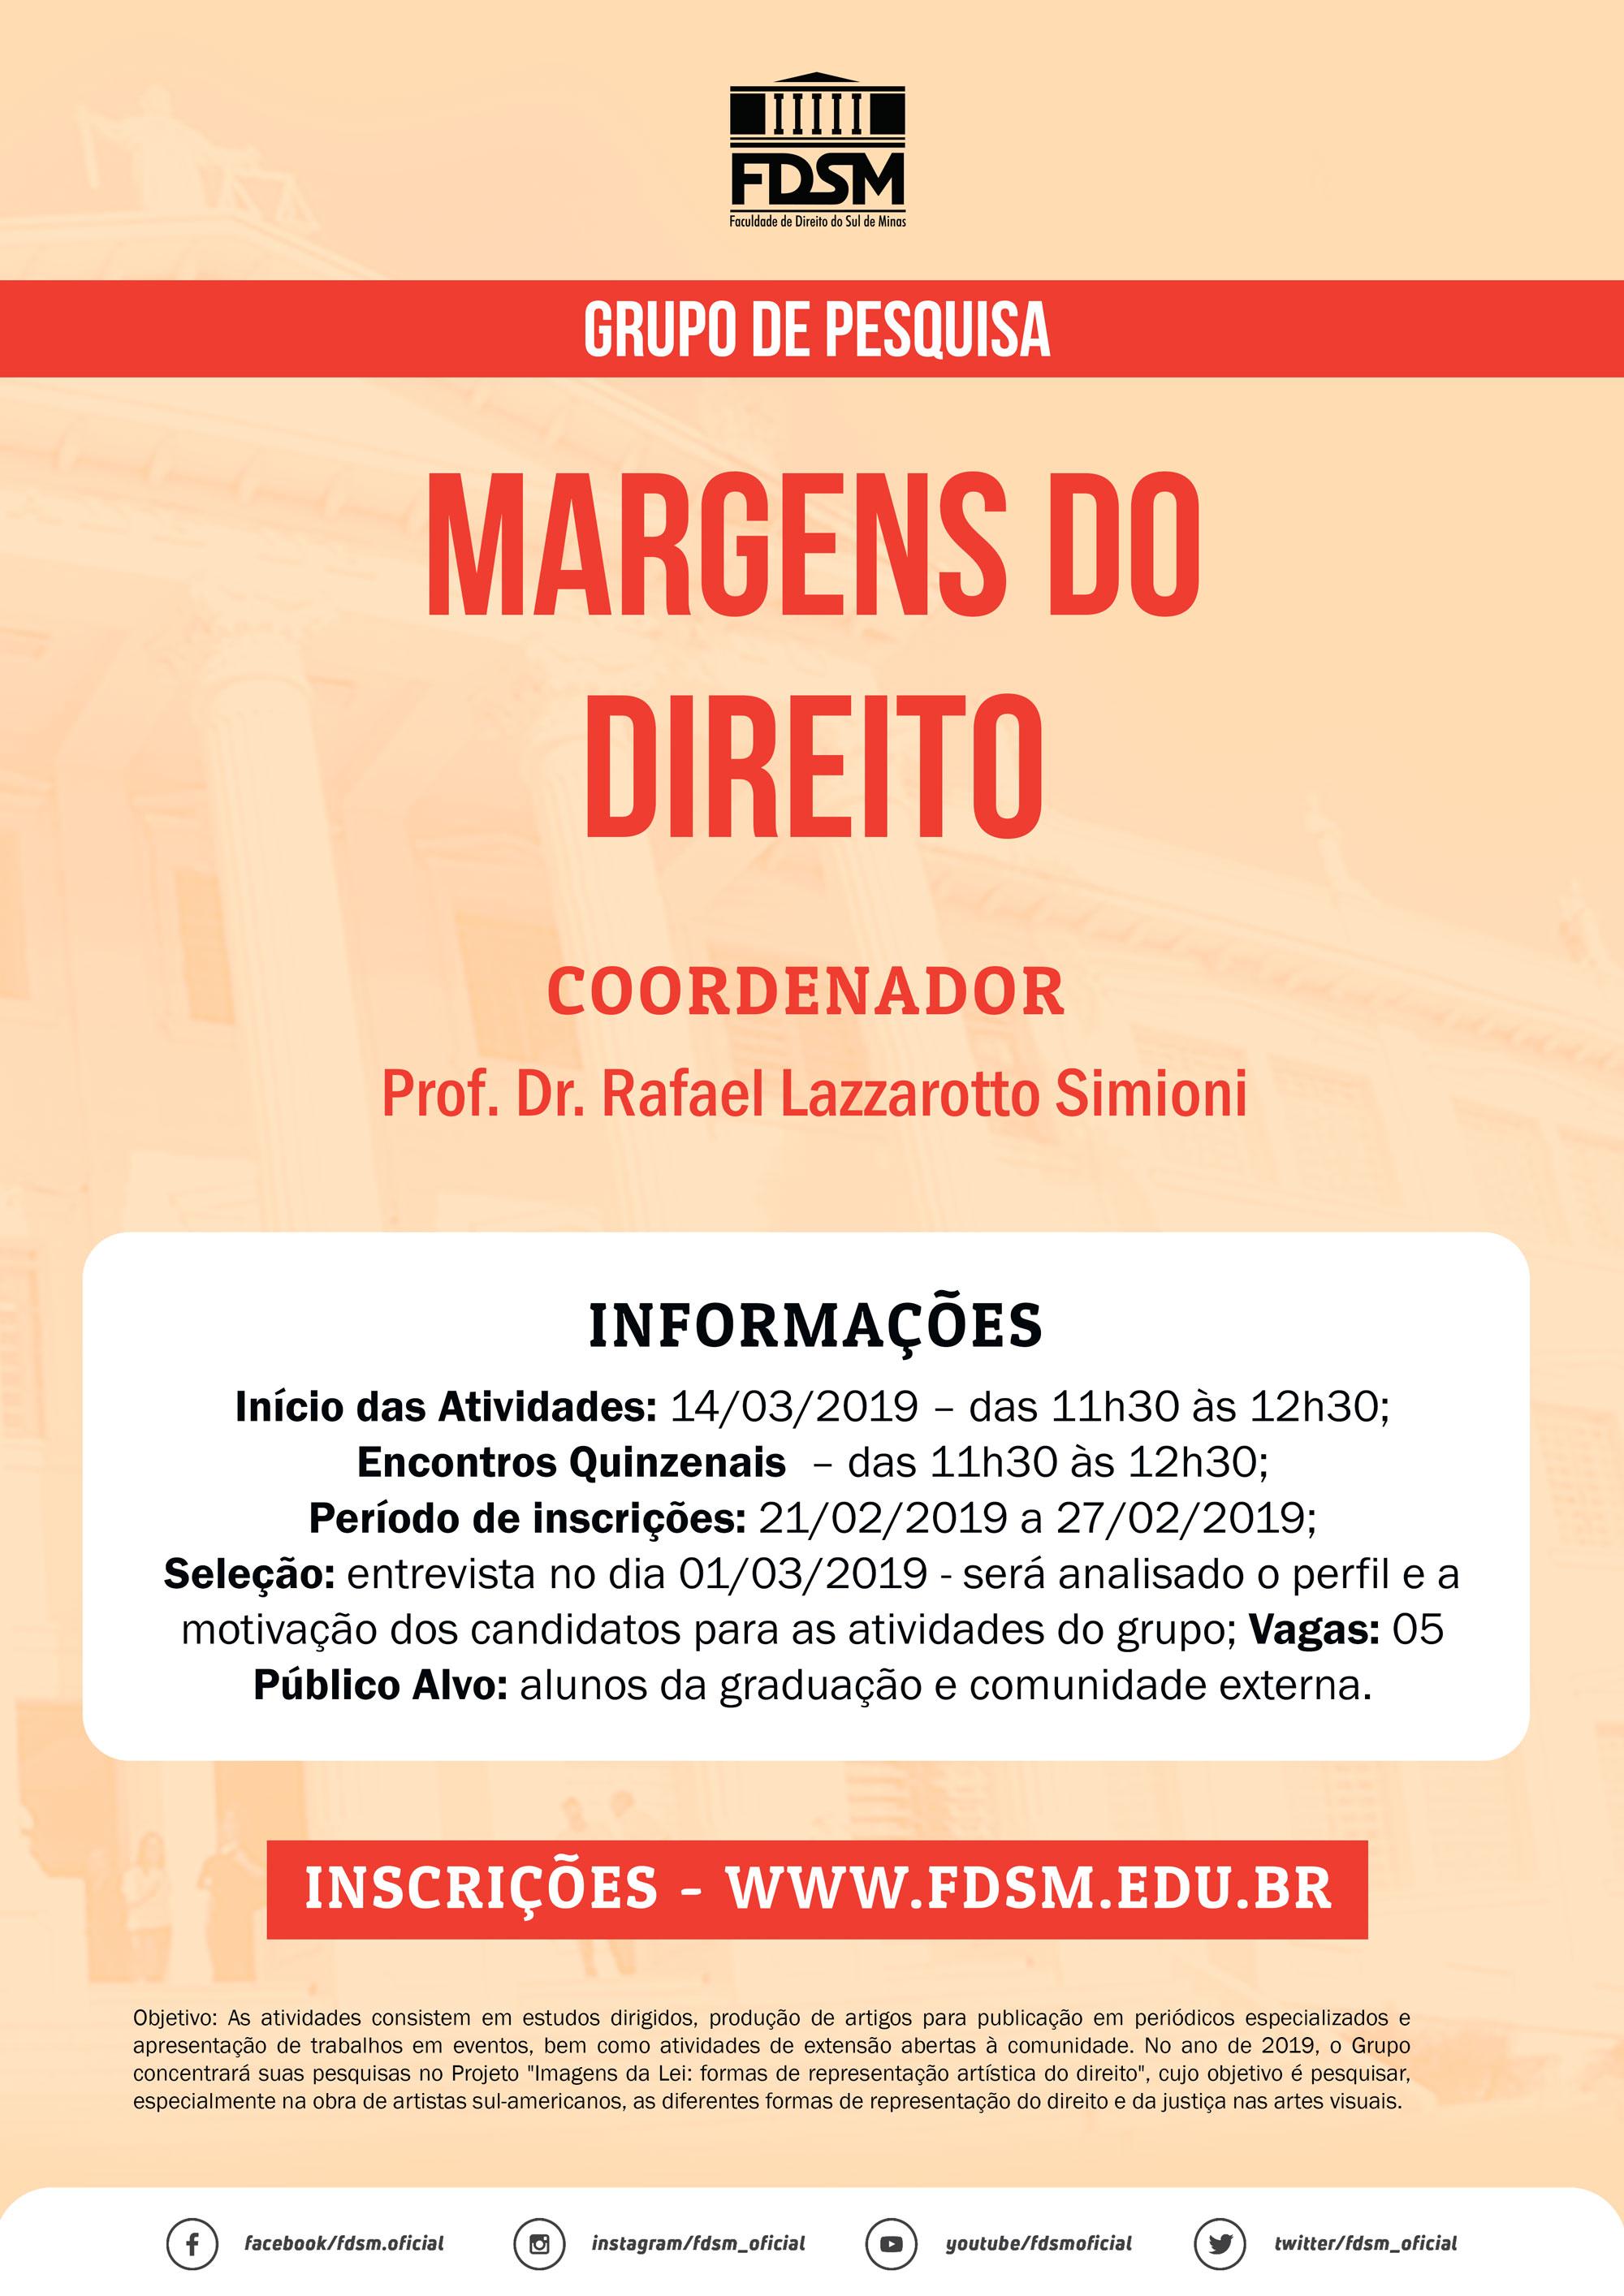 GRUPO DE PESQUISA MARGENS DO DIREITO